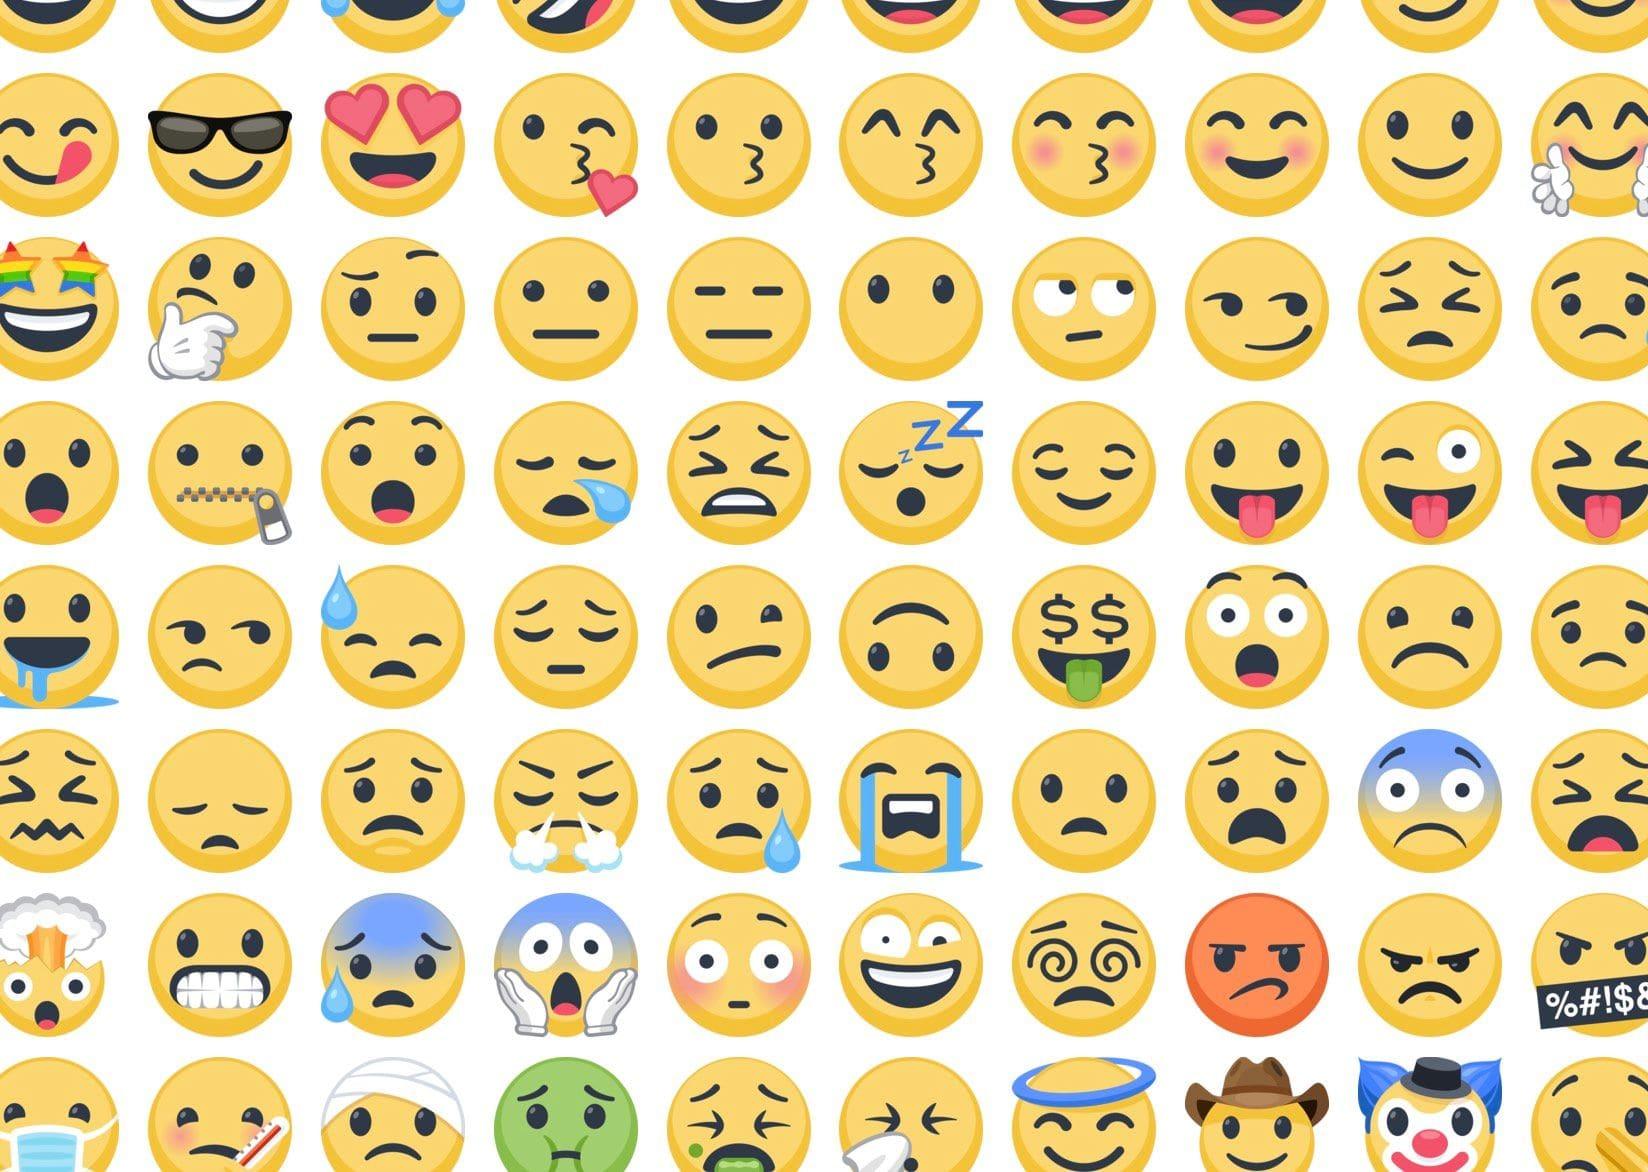 Comment Utiliser Les Emojis Dans Vos Publicites Facebook Uno